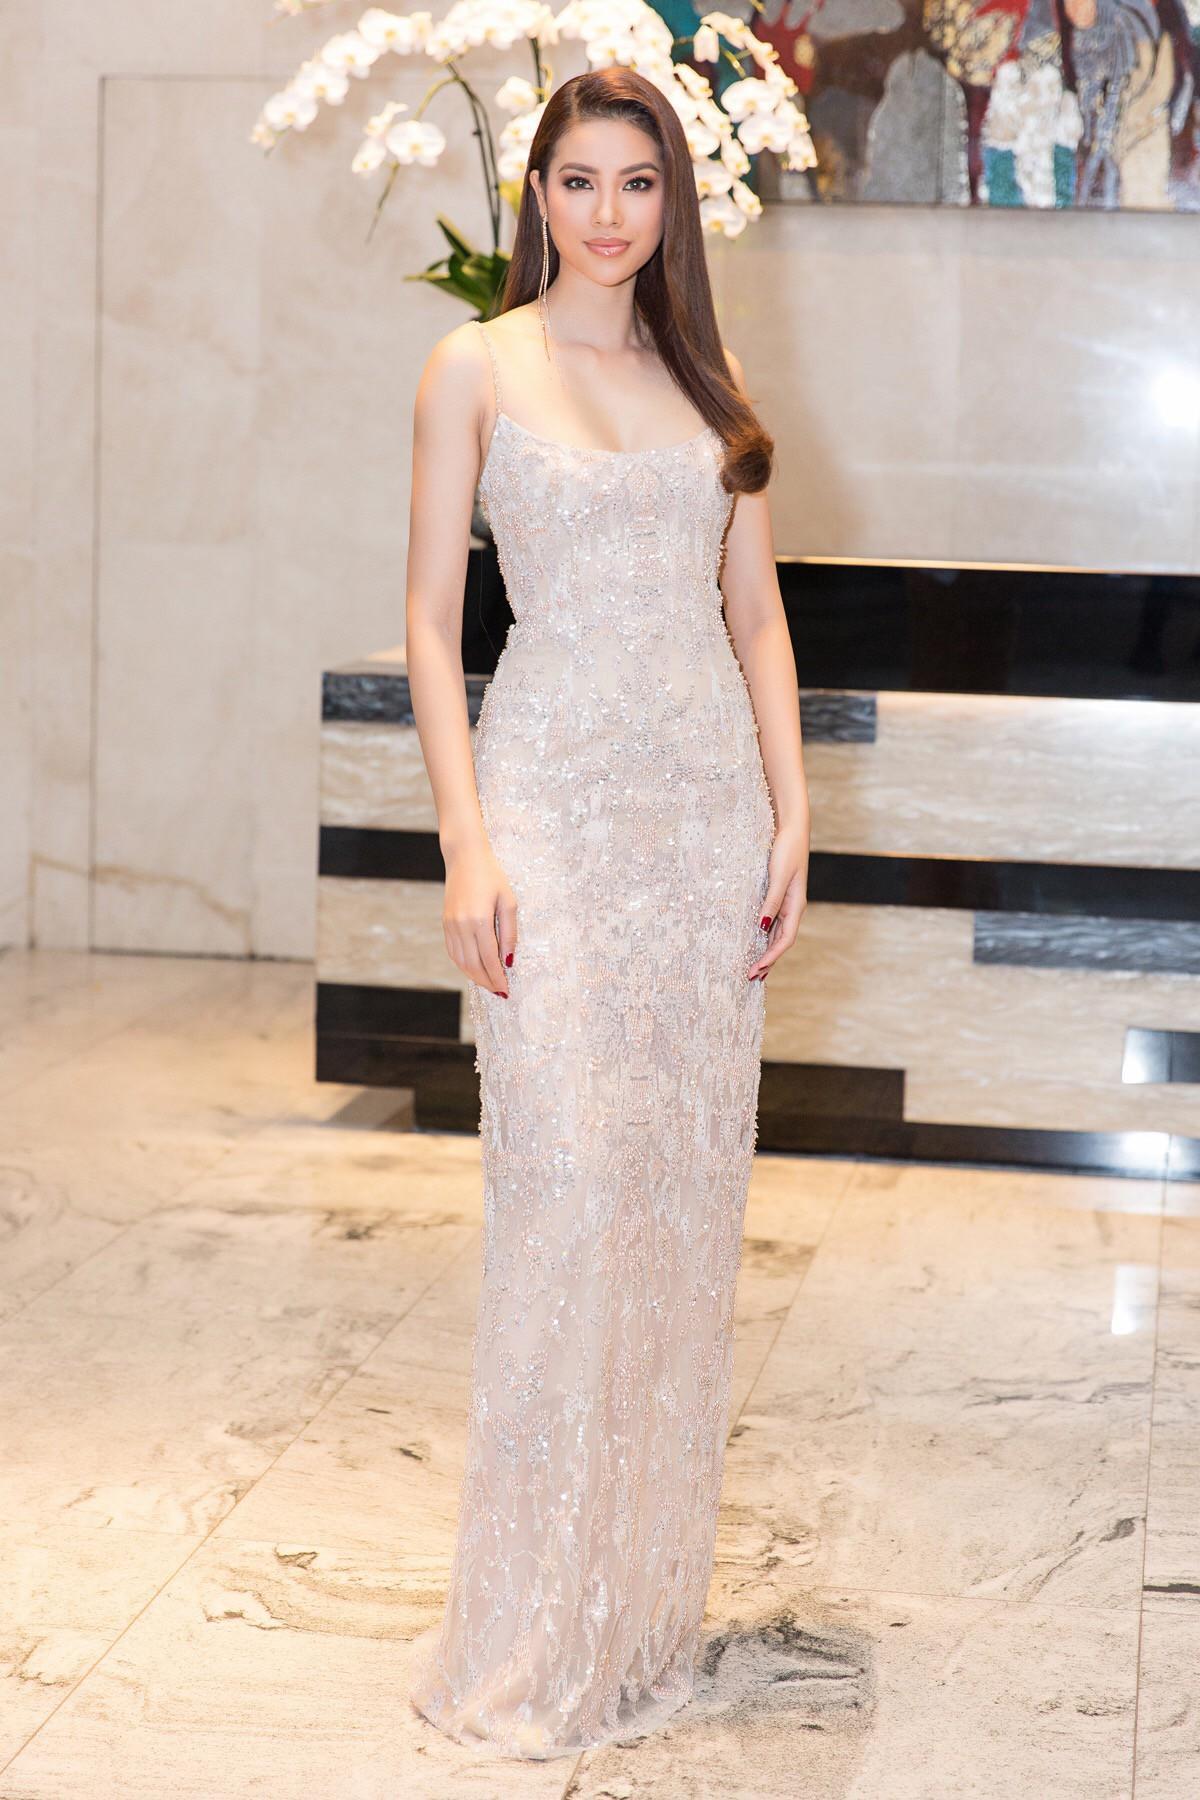 Angela Phương Trinh - Đỗ Mỹ Linh công phá thảm đỏ với sắc vàng rực rỡ nhất tuần qua-9